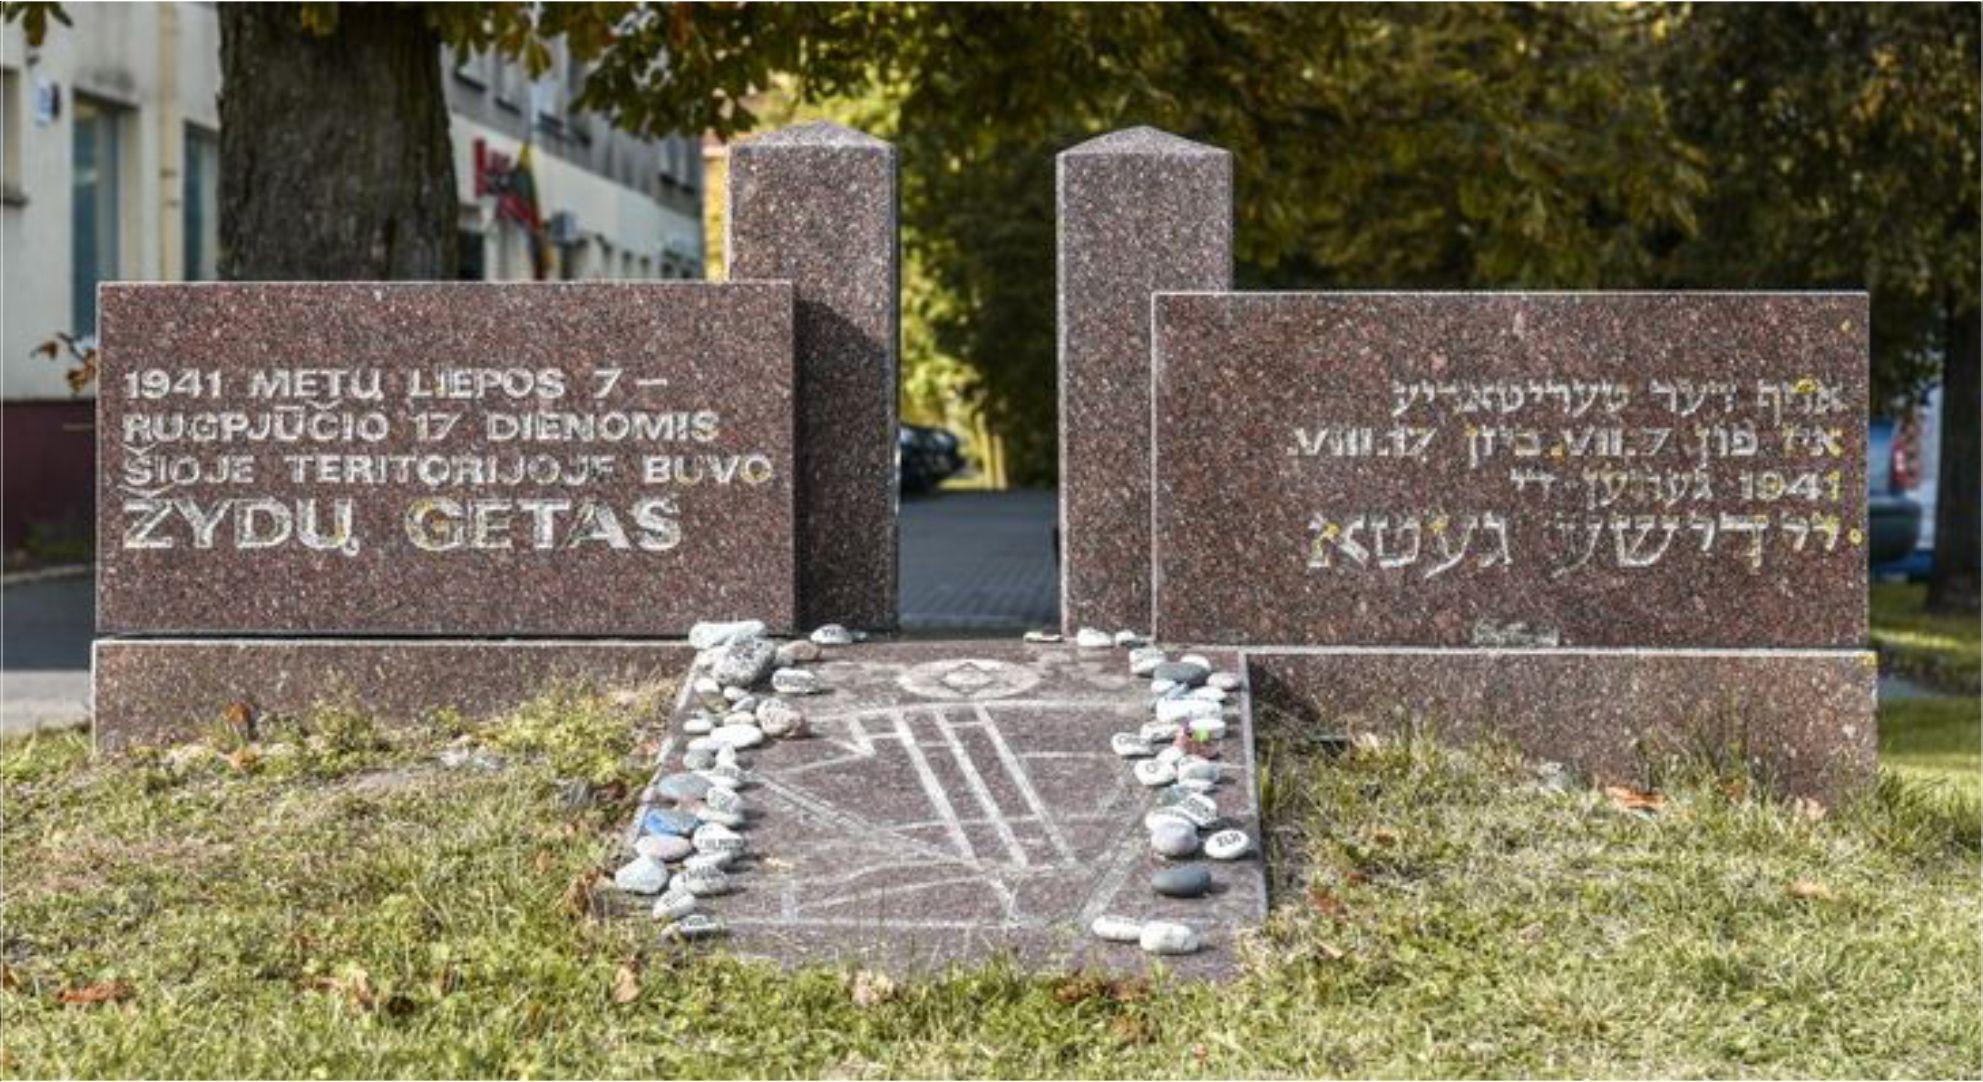 """V. Žigo paminklas """"Geto vartai"""", skirtas įamžinti buvusį žydų getą, pastatytas 1993 09 23 prie Klaipėdos ir Krekenavos gatvių sankirtos. P. Židonio nuotrauka"""